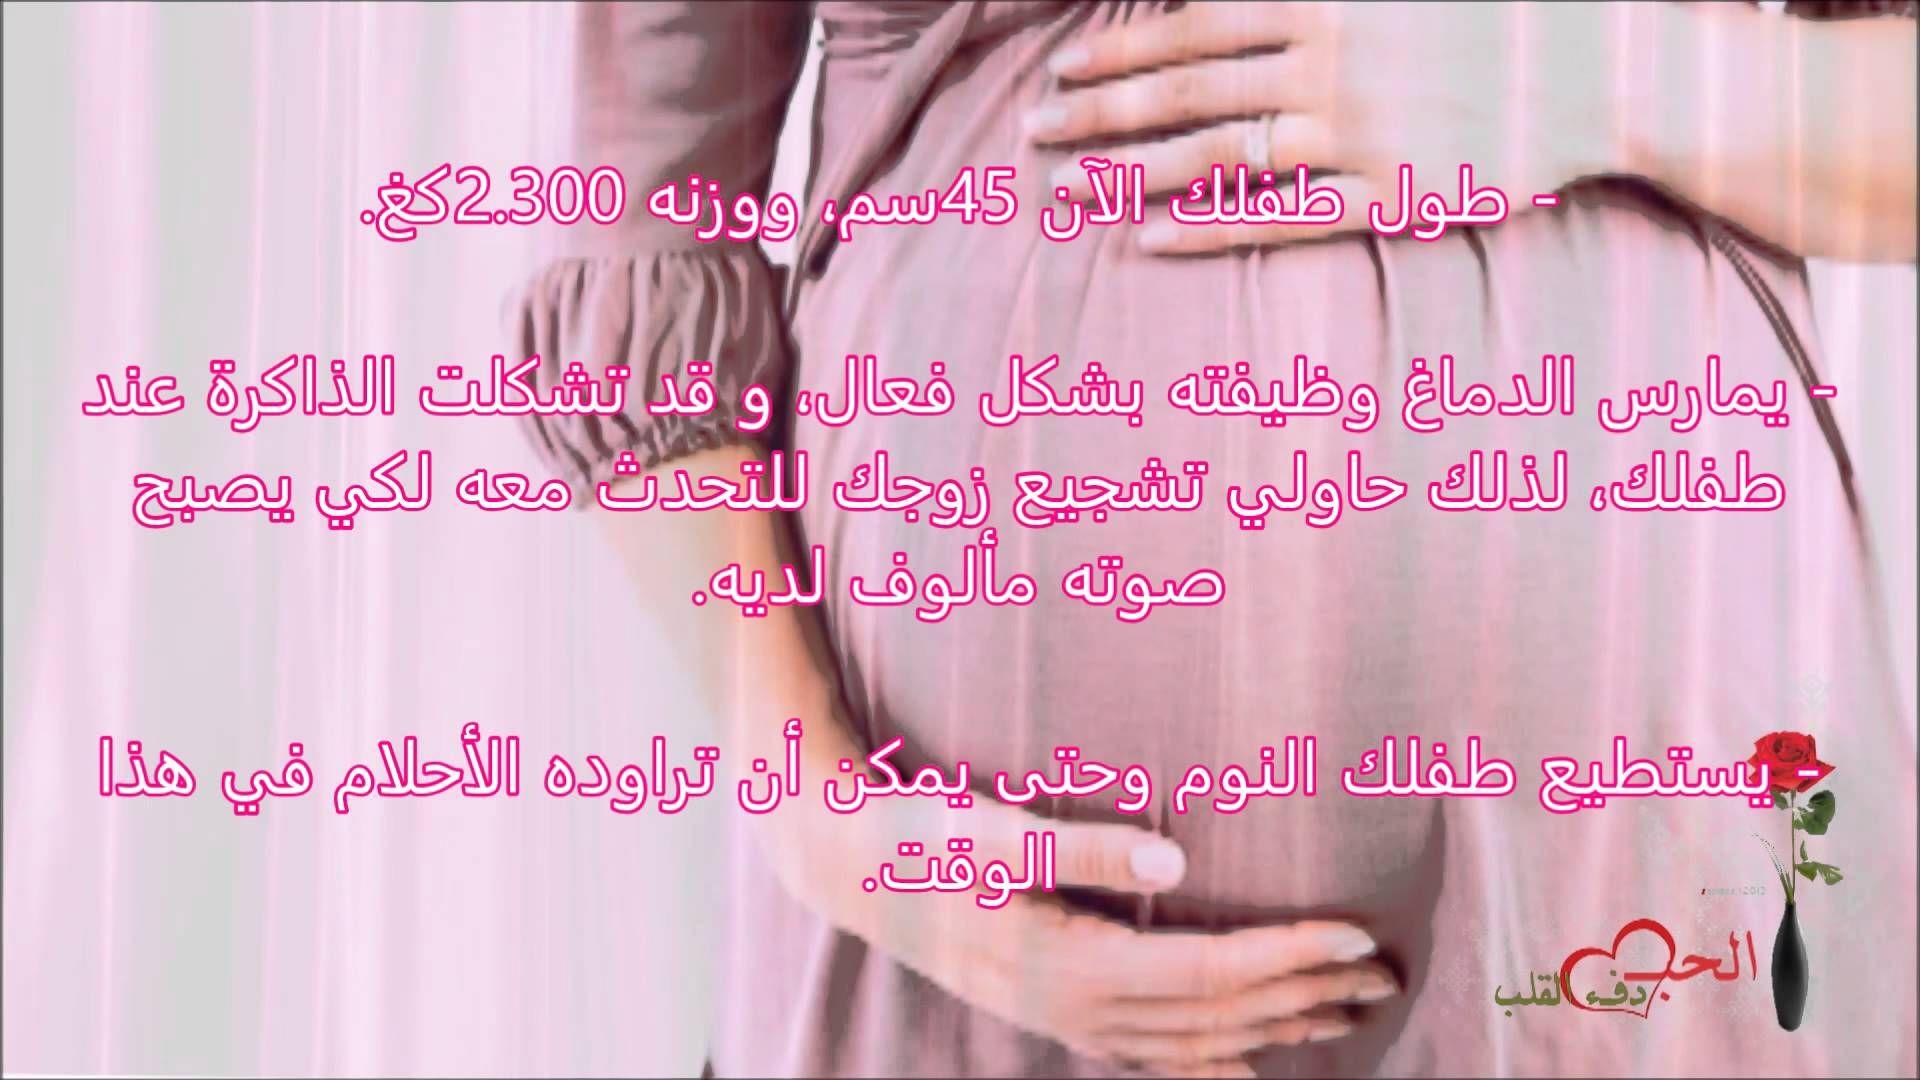 علامات الحمل اعراض الحمل في الشهر الثامن ونصائح هامة